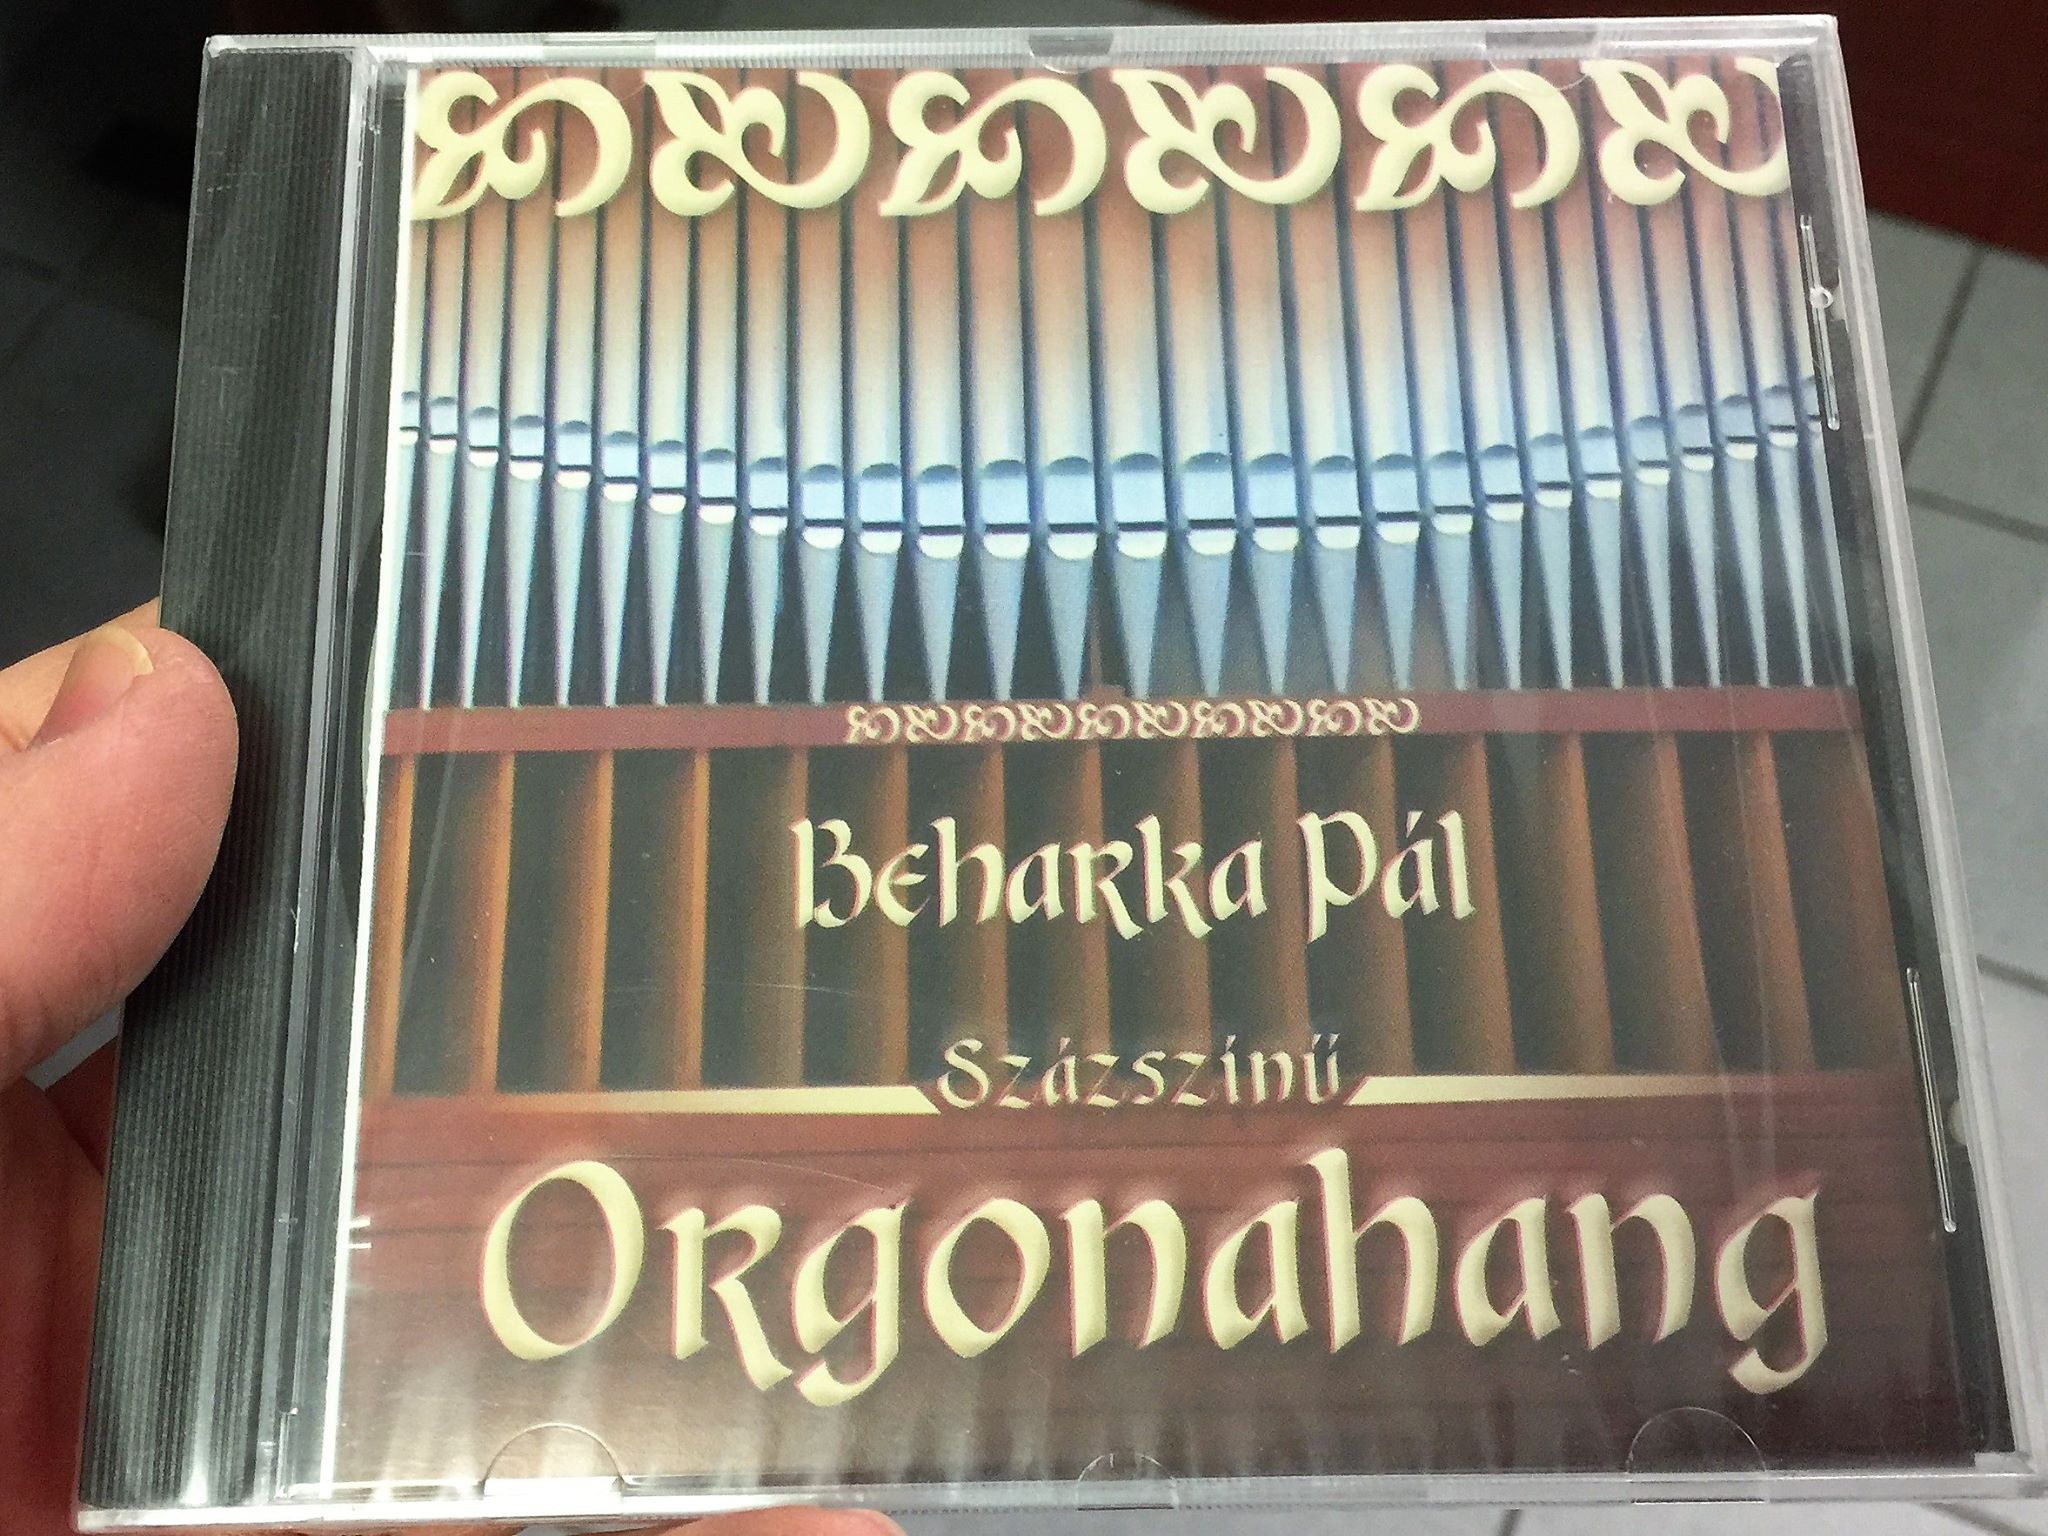 szazszinu-orgonahang-100-organ-sounds-beharka-pal-concert-recording-with-organ-player-beharka-pal-hungarian-cd-2004-mbe-1-.jpg